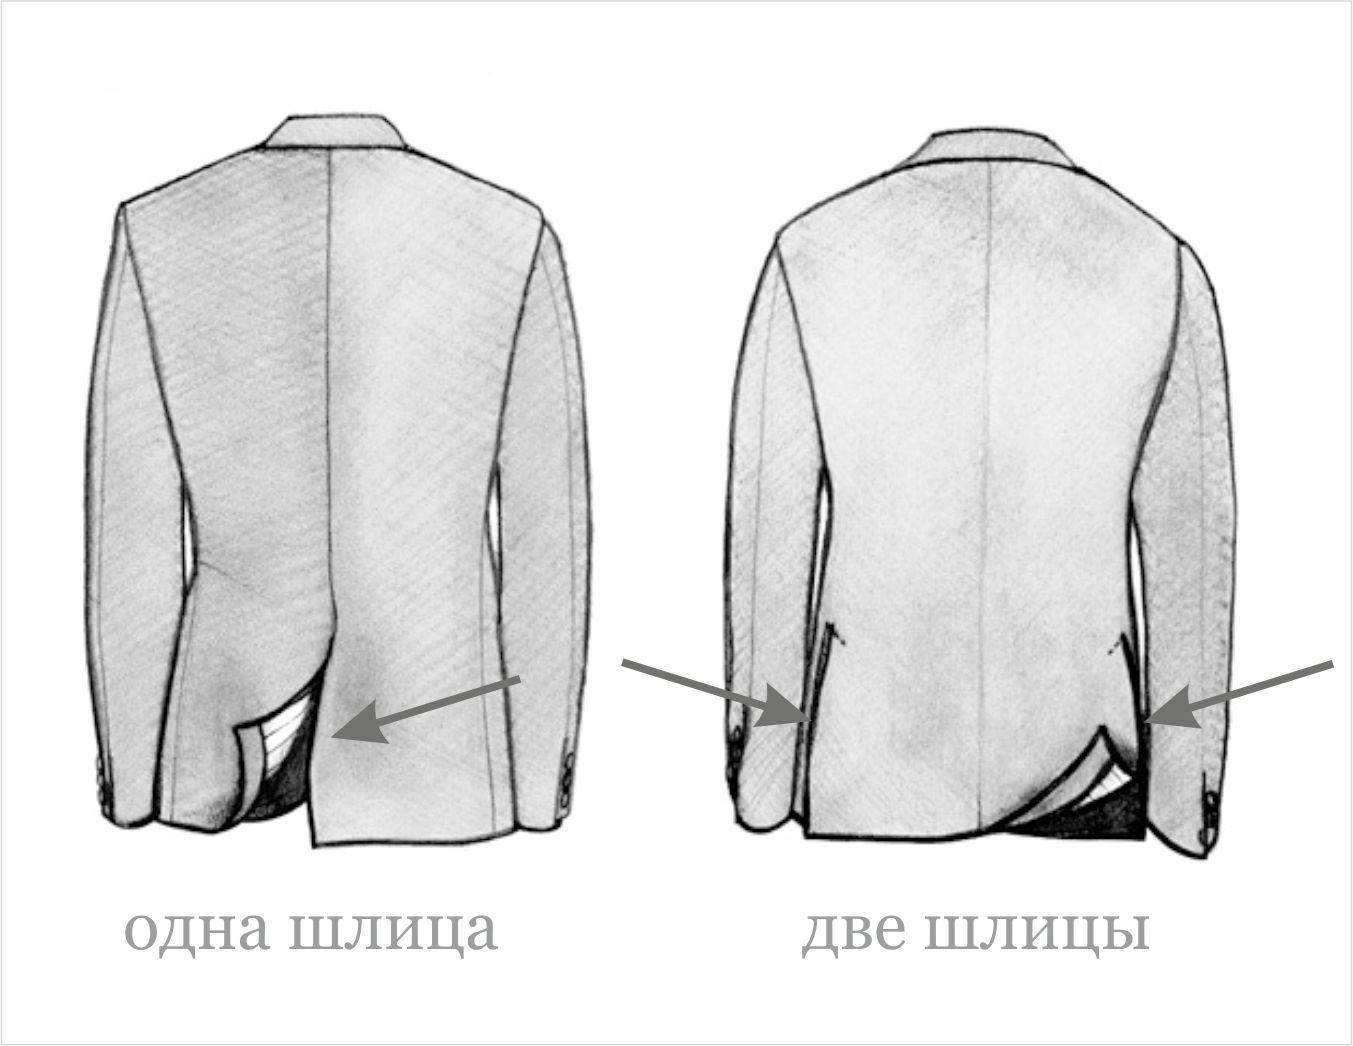 Что такое шлиц в одежде